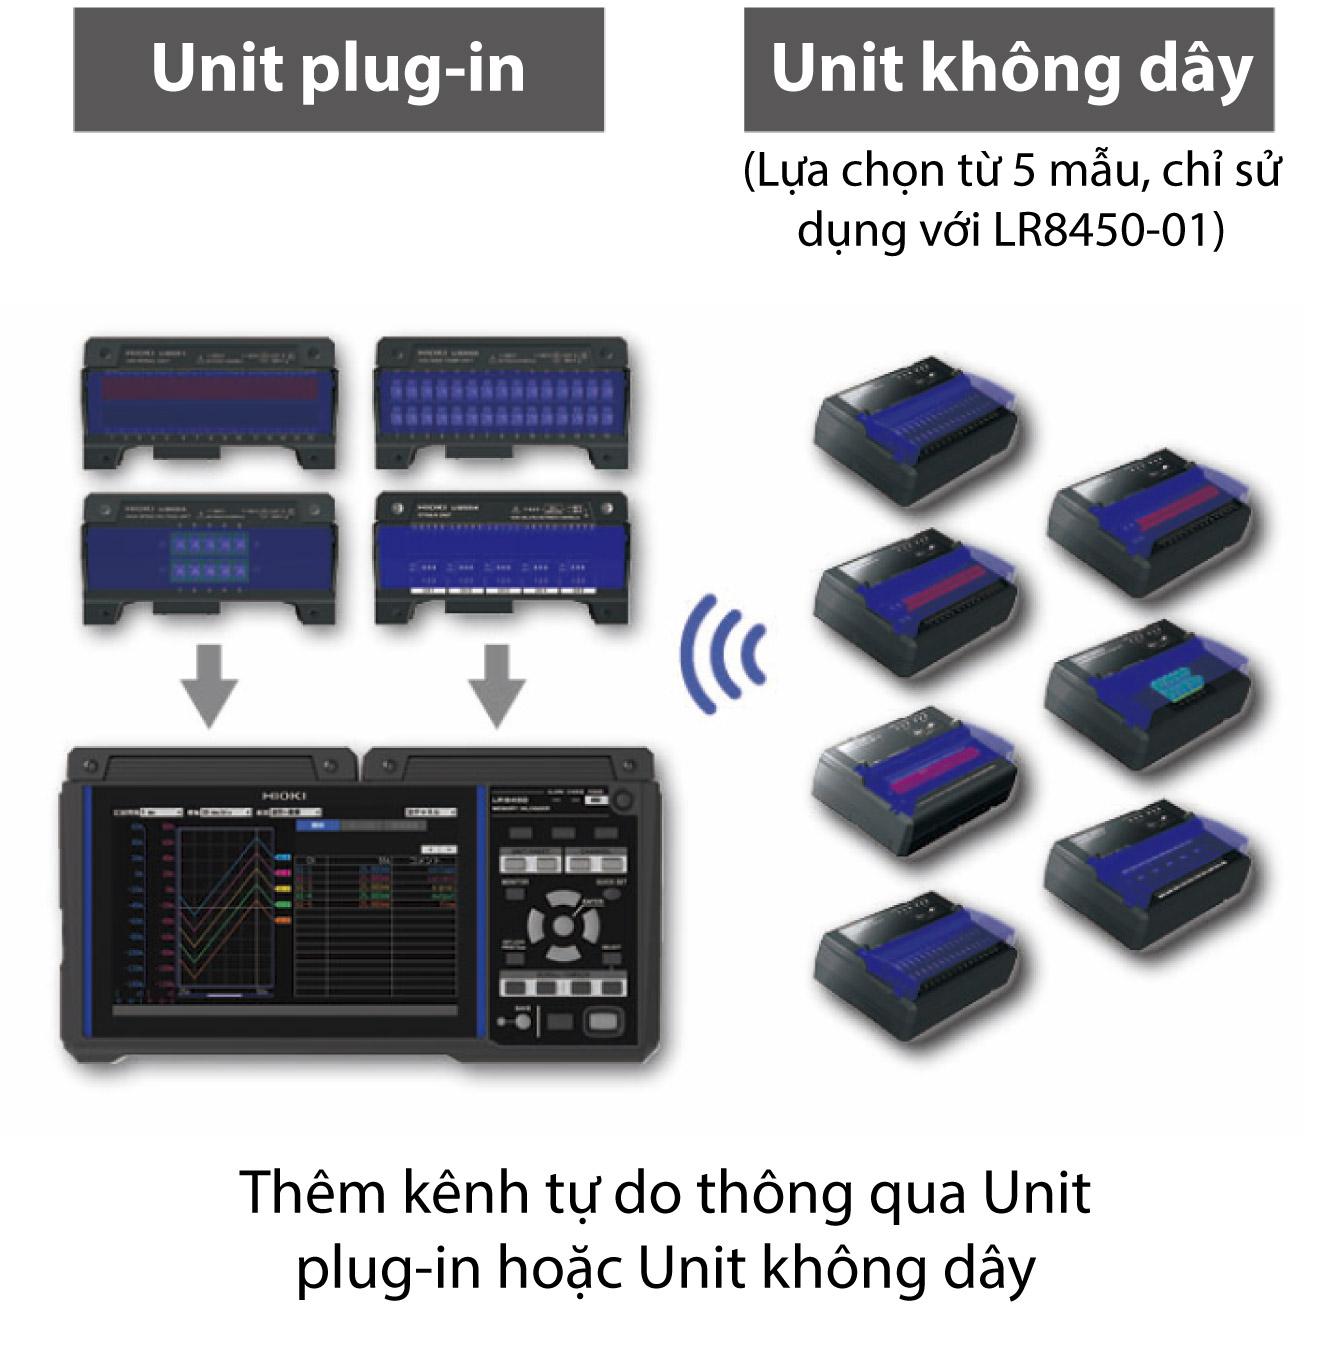 Thêm kênh tự do thông qua Unit plug-in hoặc Unit không dây thiết bị ghi dữ liệu Hioki LR8450